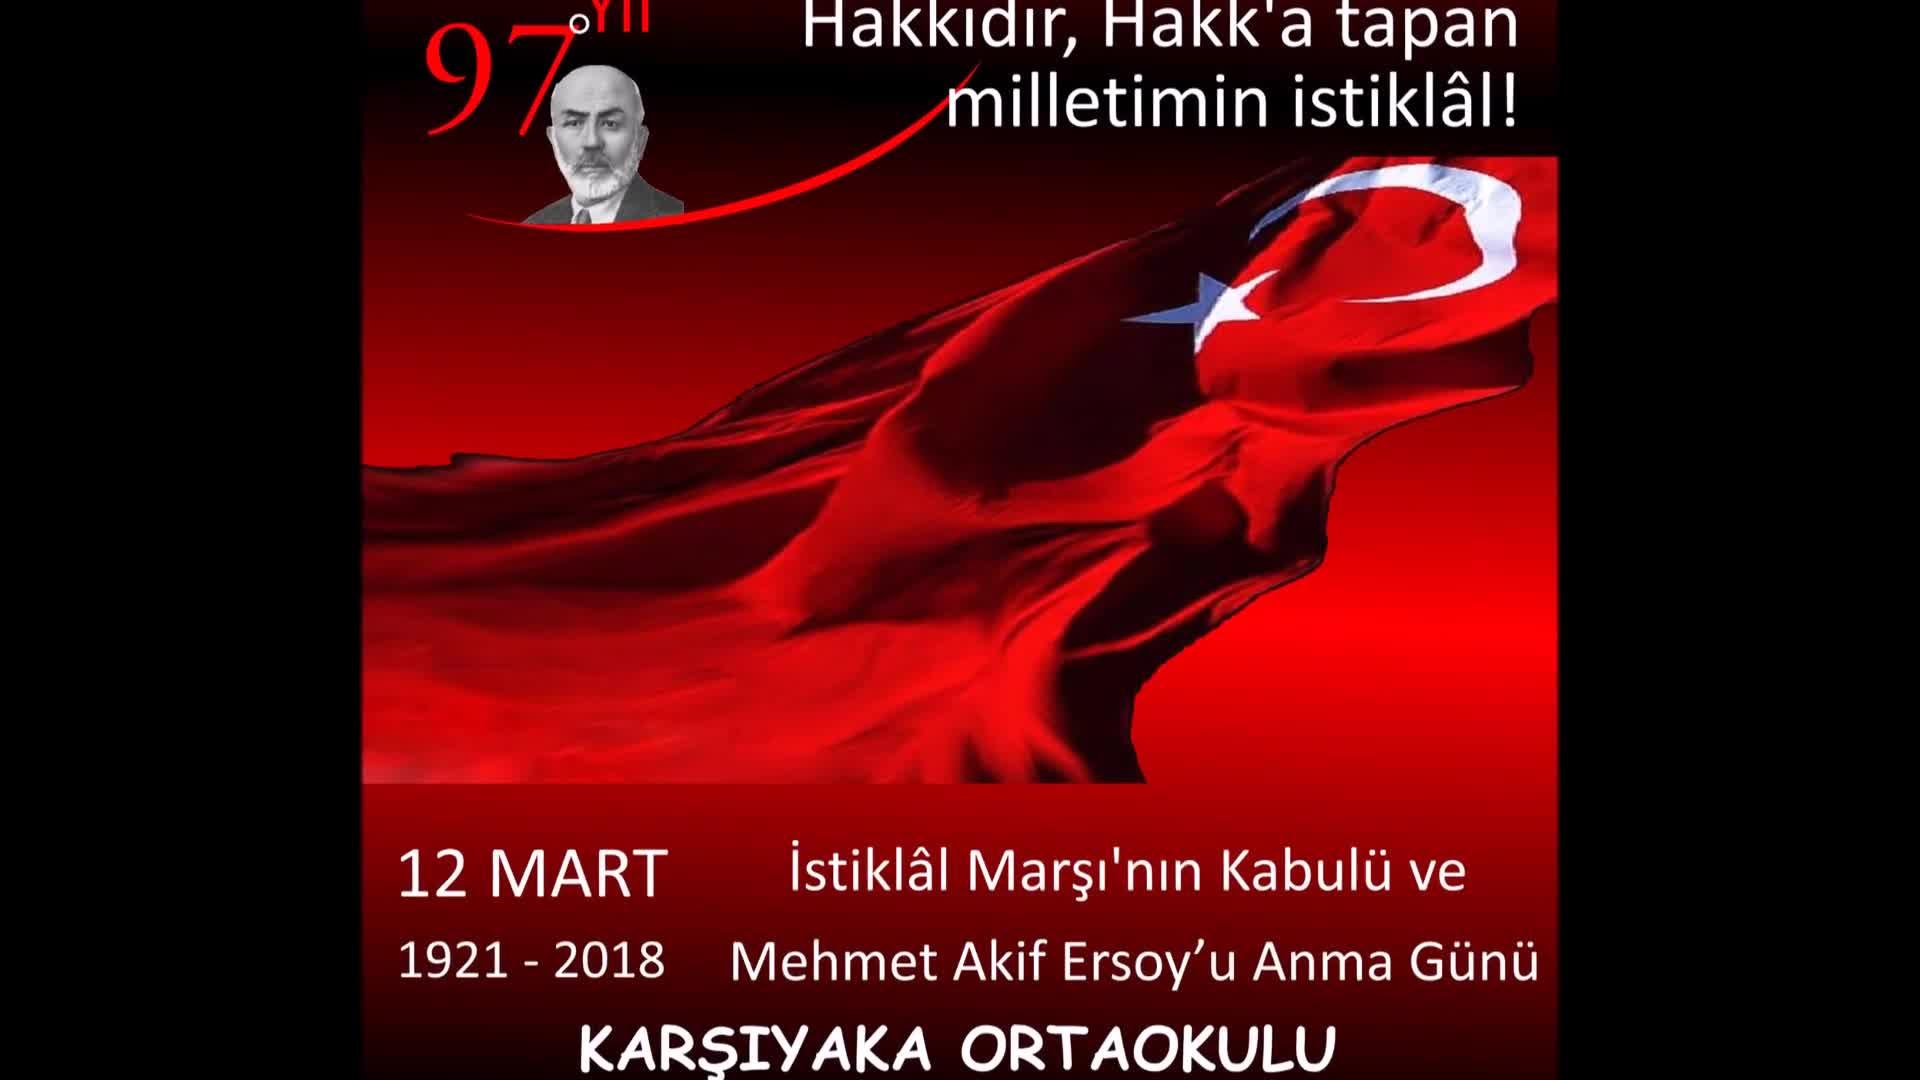 12 Mart Istiklal Marşının Kabulü Ve Mehmet Akif Ersoyu Anma Videosu